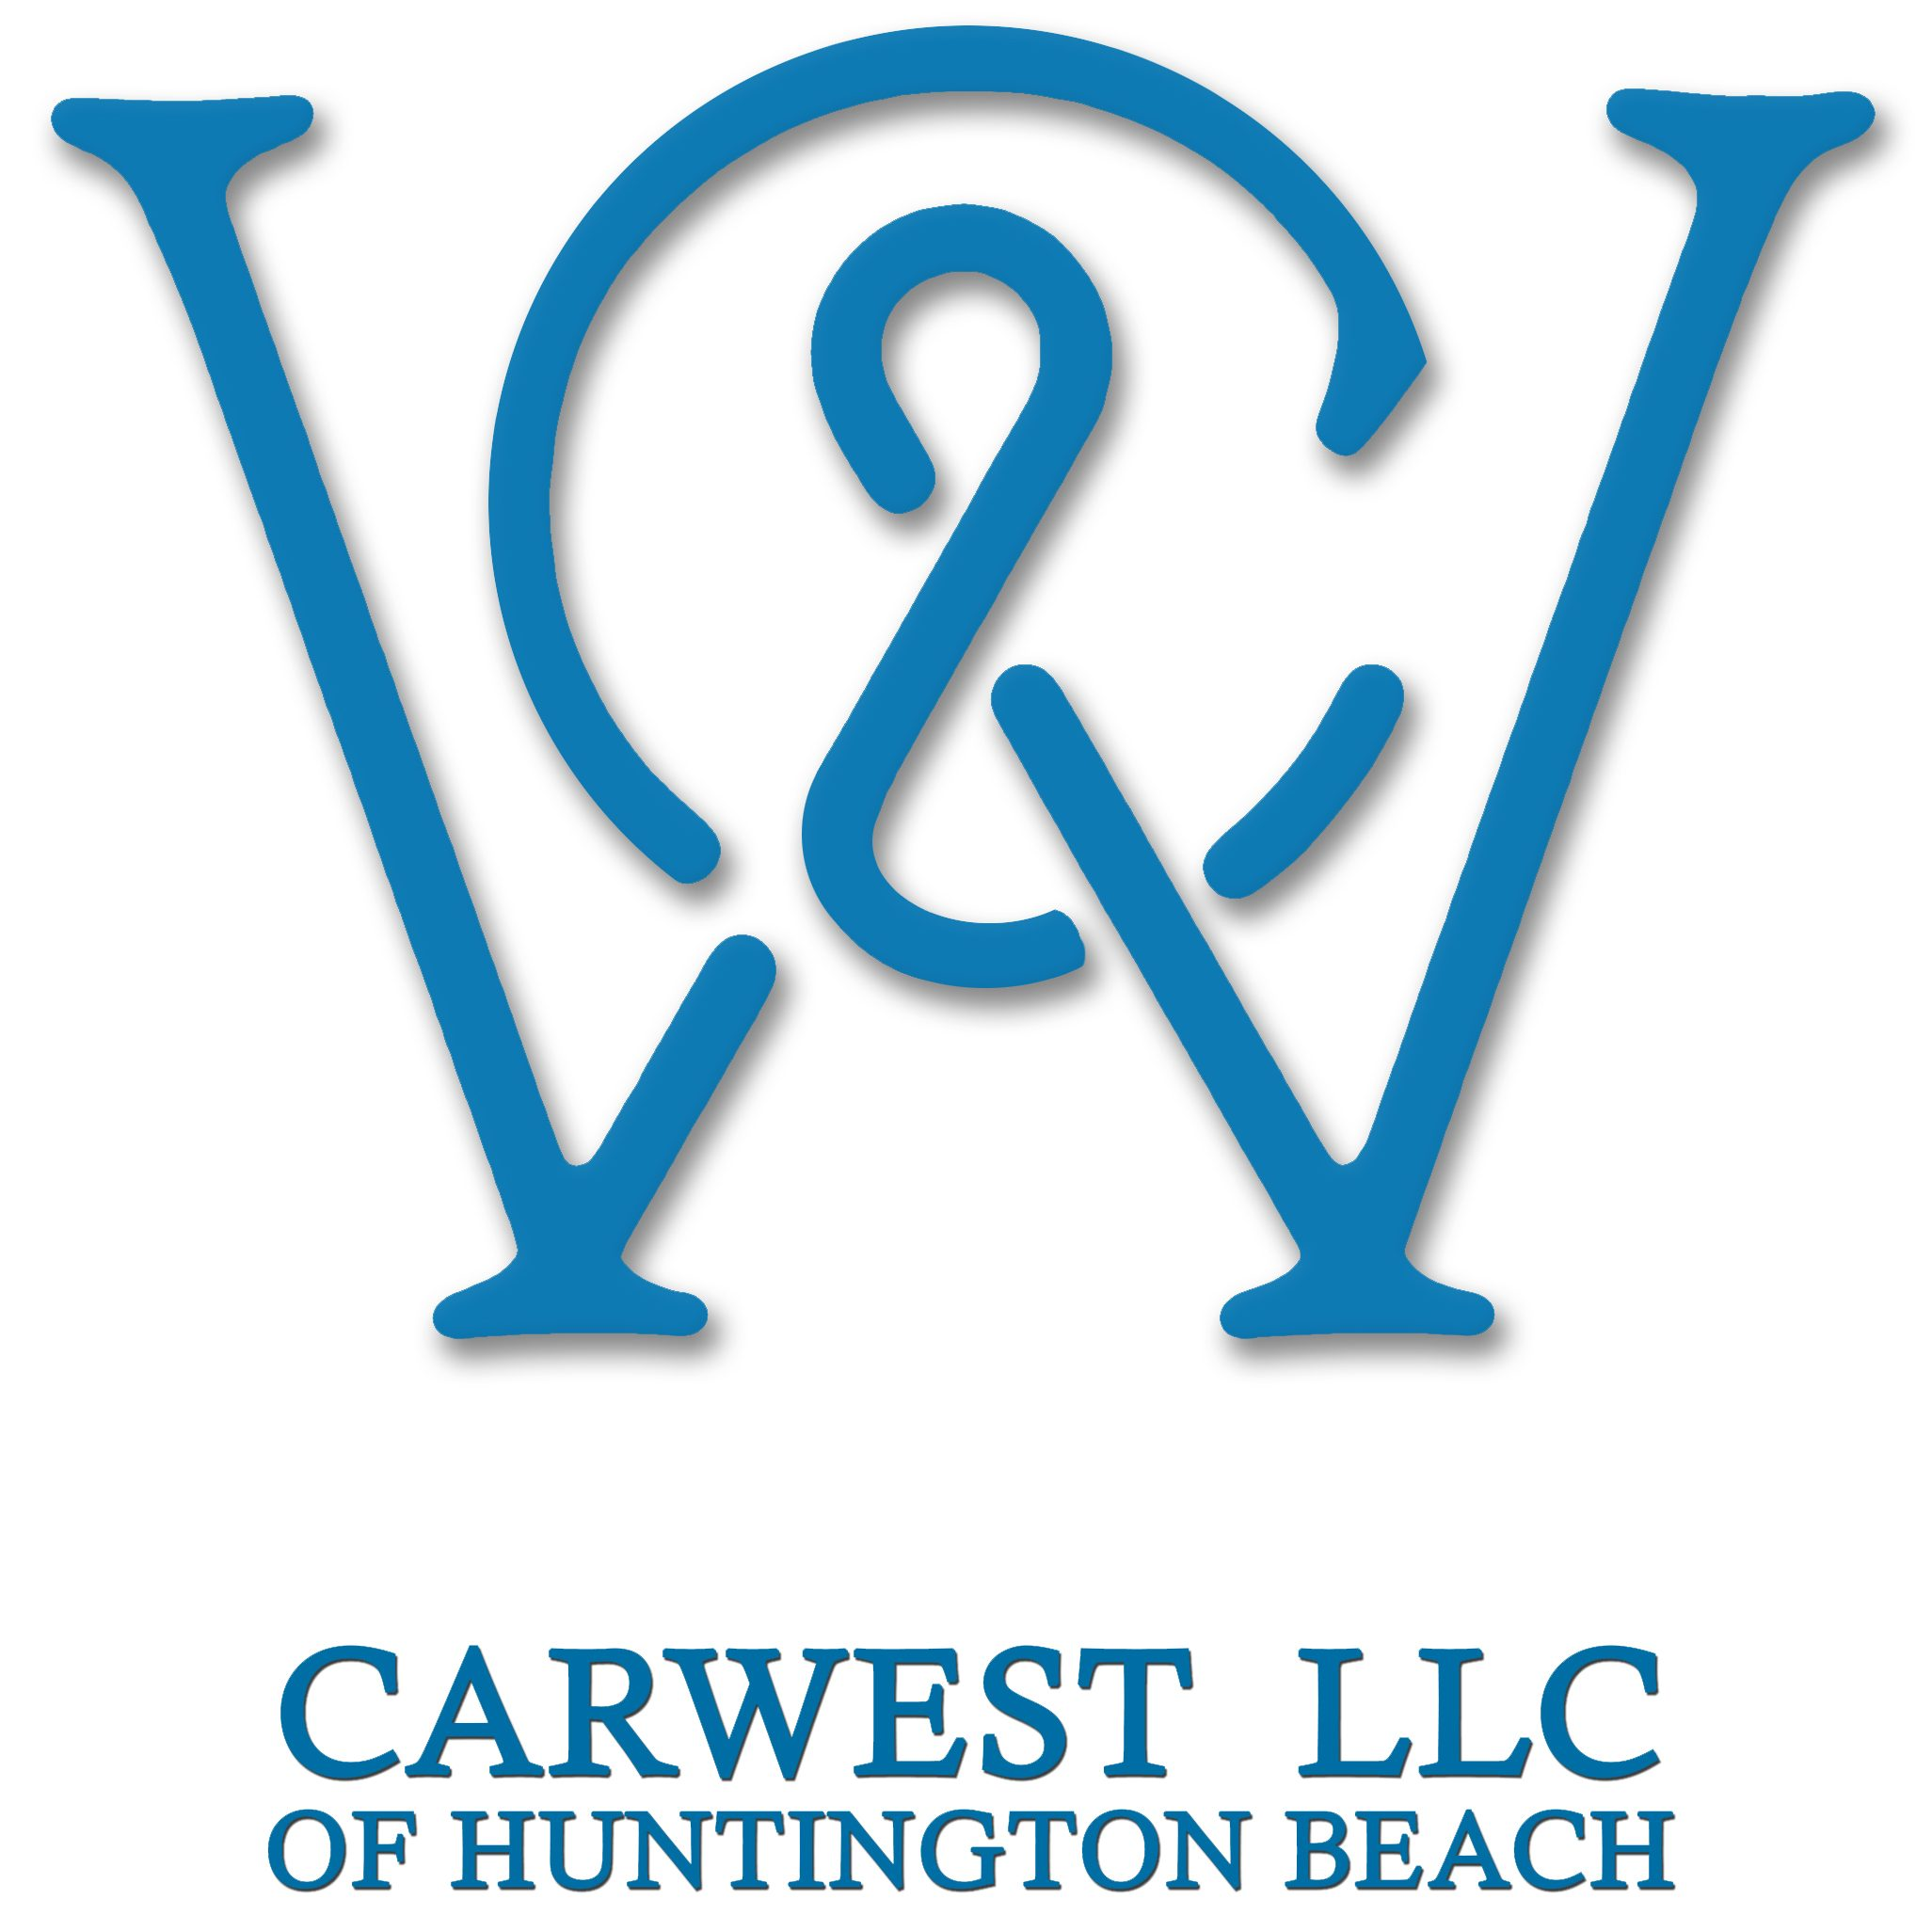 Carwest LLC